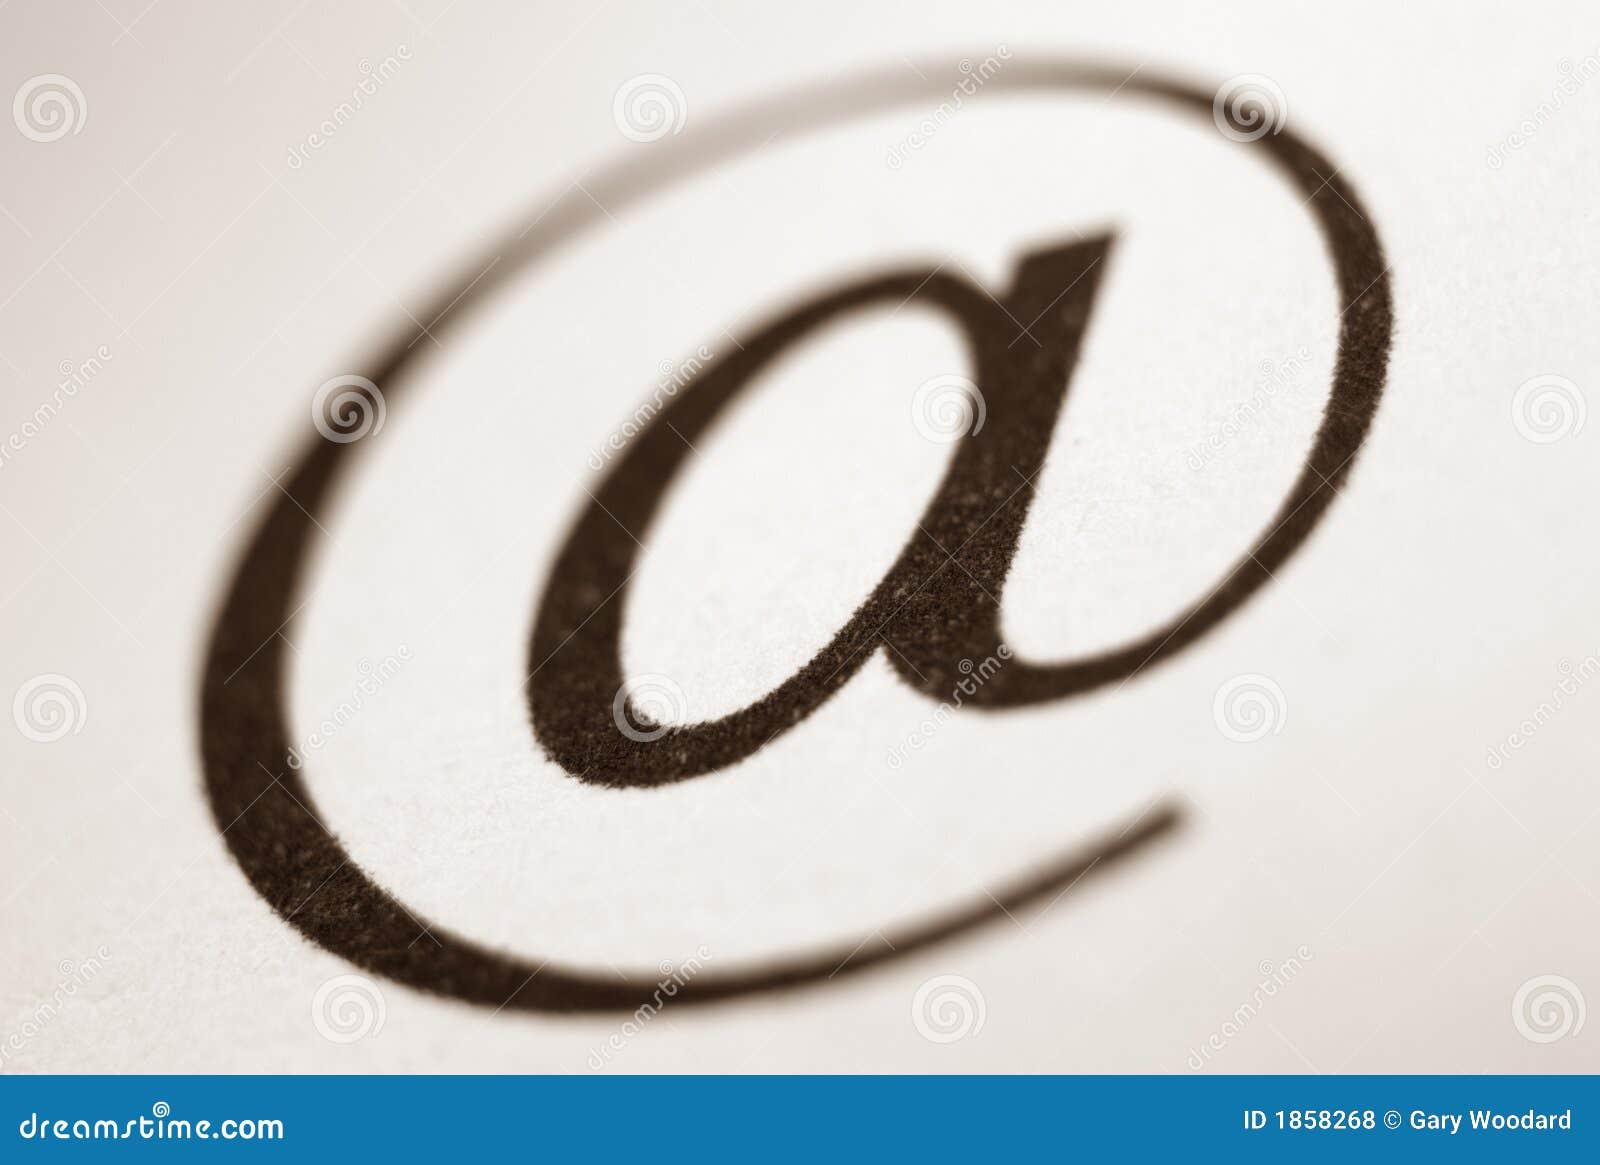 Símbolo do email.